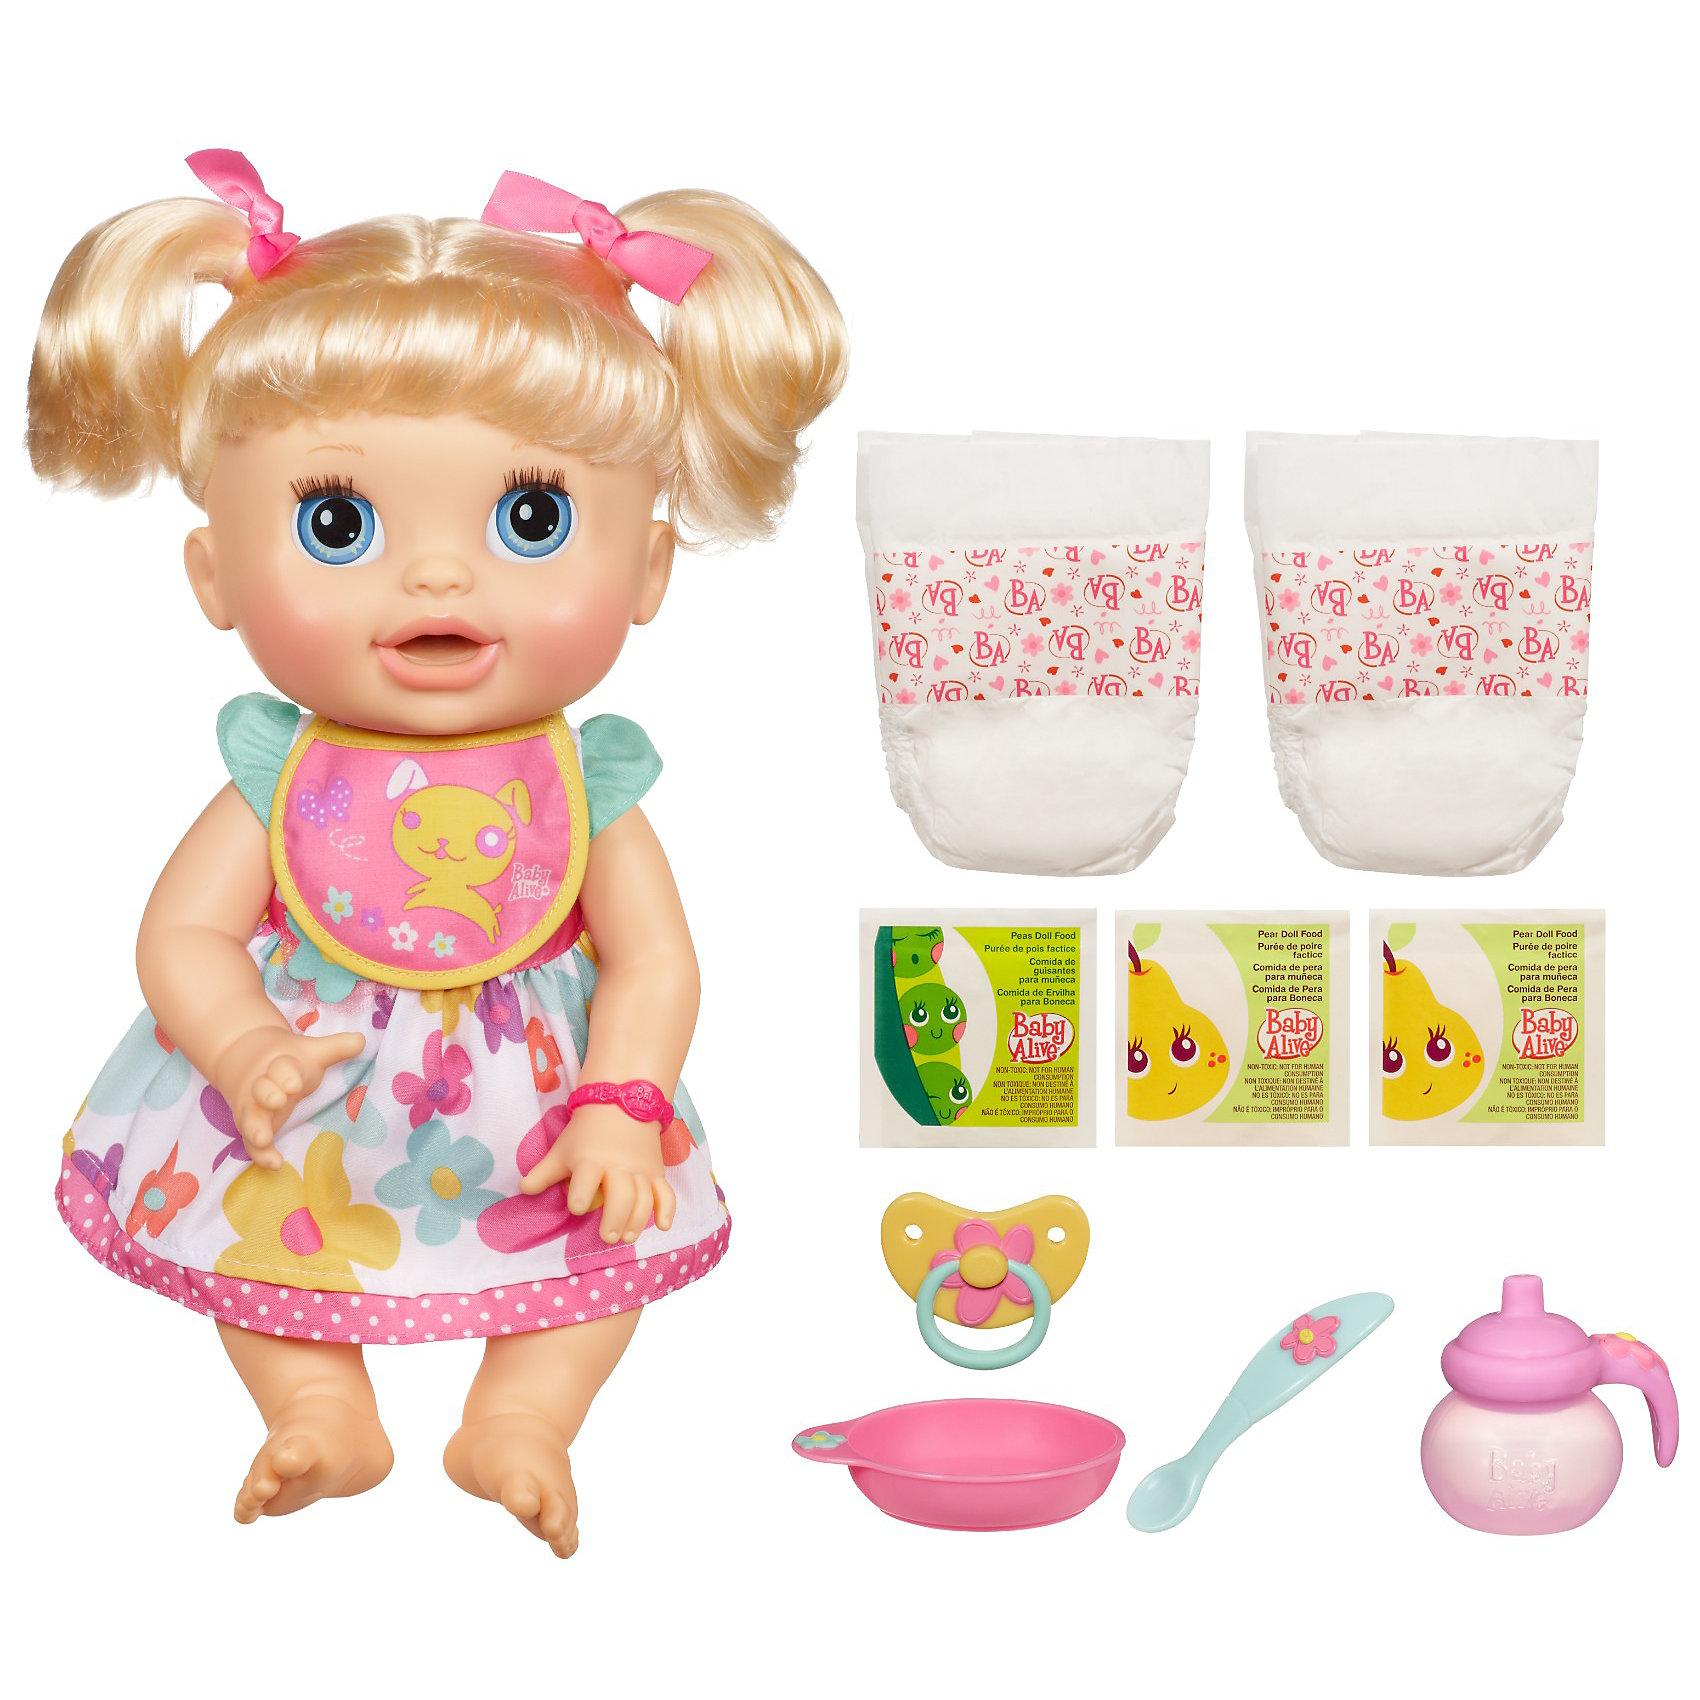 Кукла Удивительная малютка, BABY ALIVE